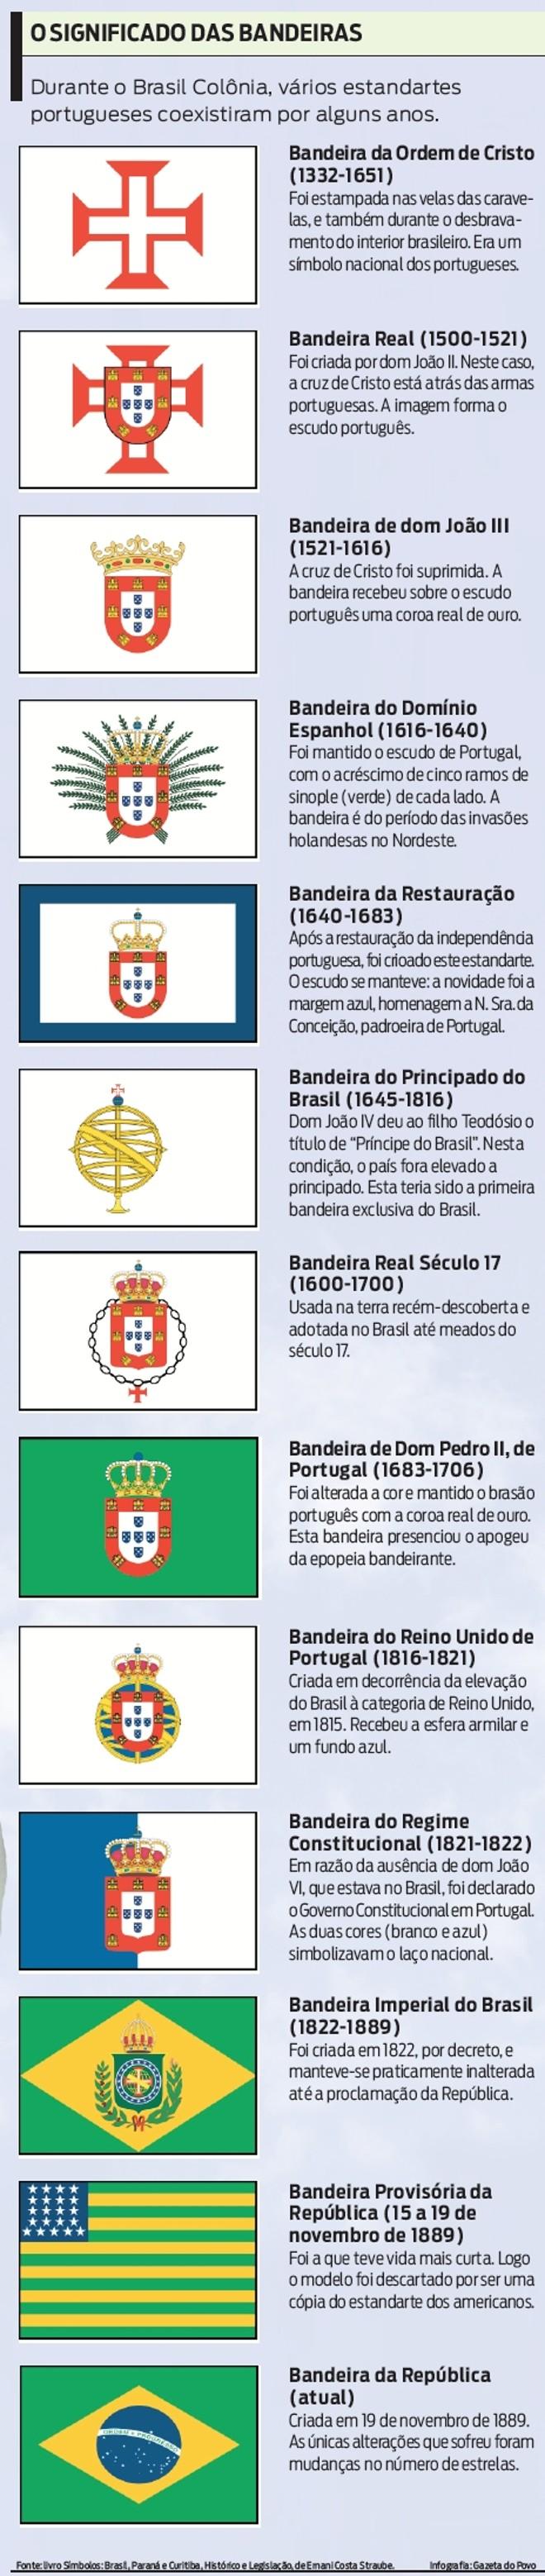 A Primeira Bandeira Do Brasil Republica na nossa bandeira, o tributo a uma mulher